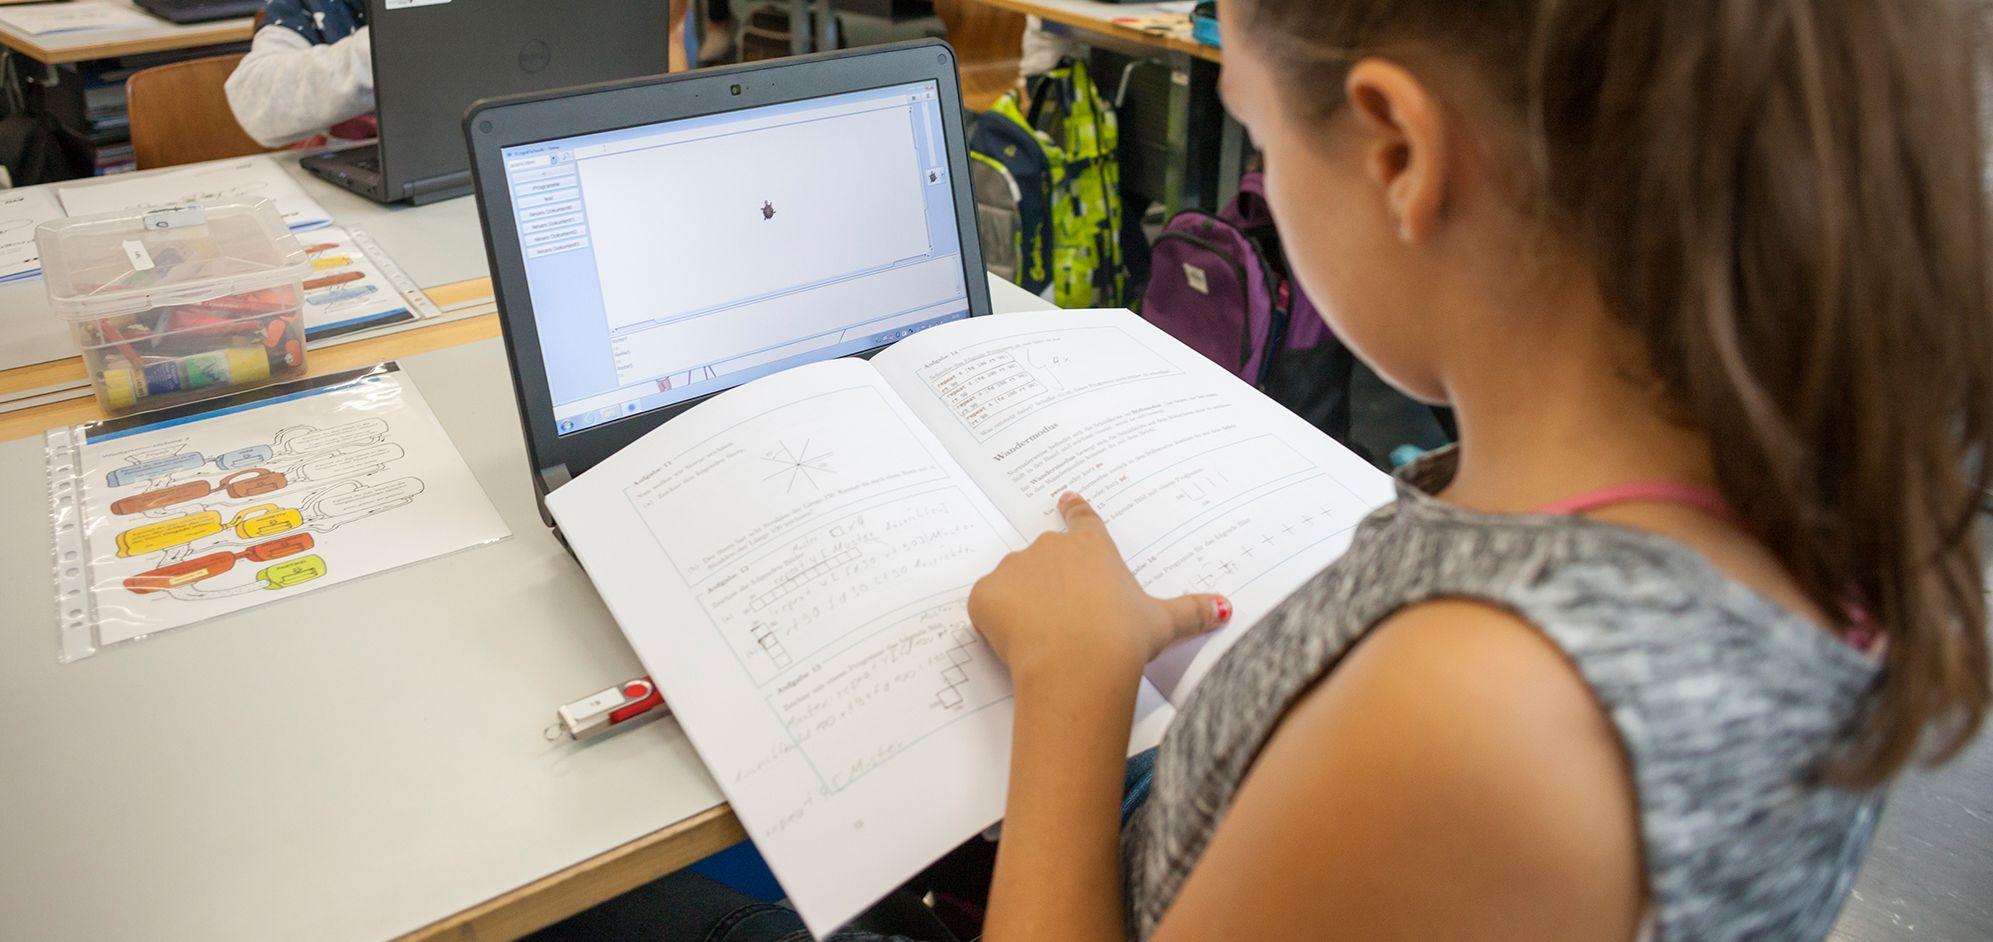 Zur Umsetzung des Konzeptes wurden Arbeitshefte sowie die Programmierumgebung xLogo4Schools entwickelt.